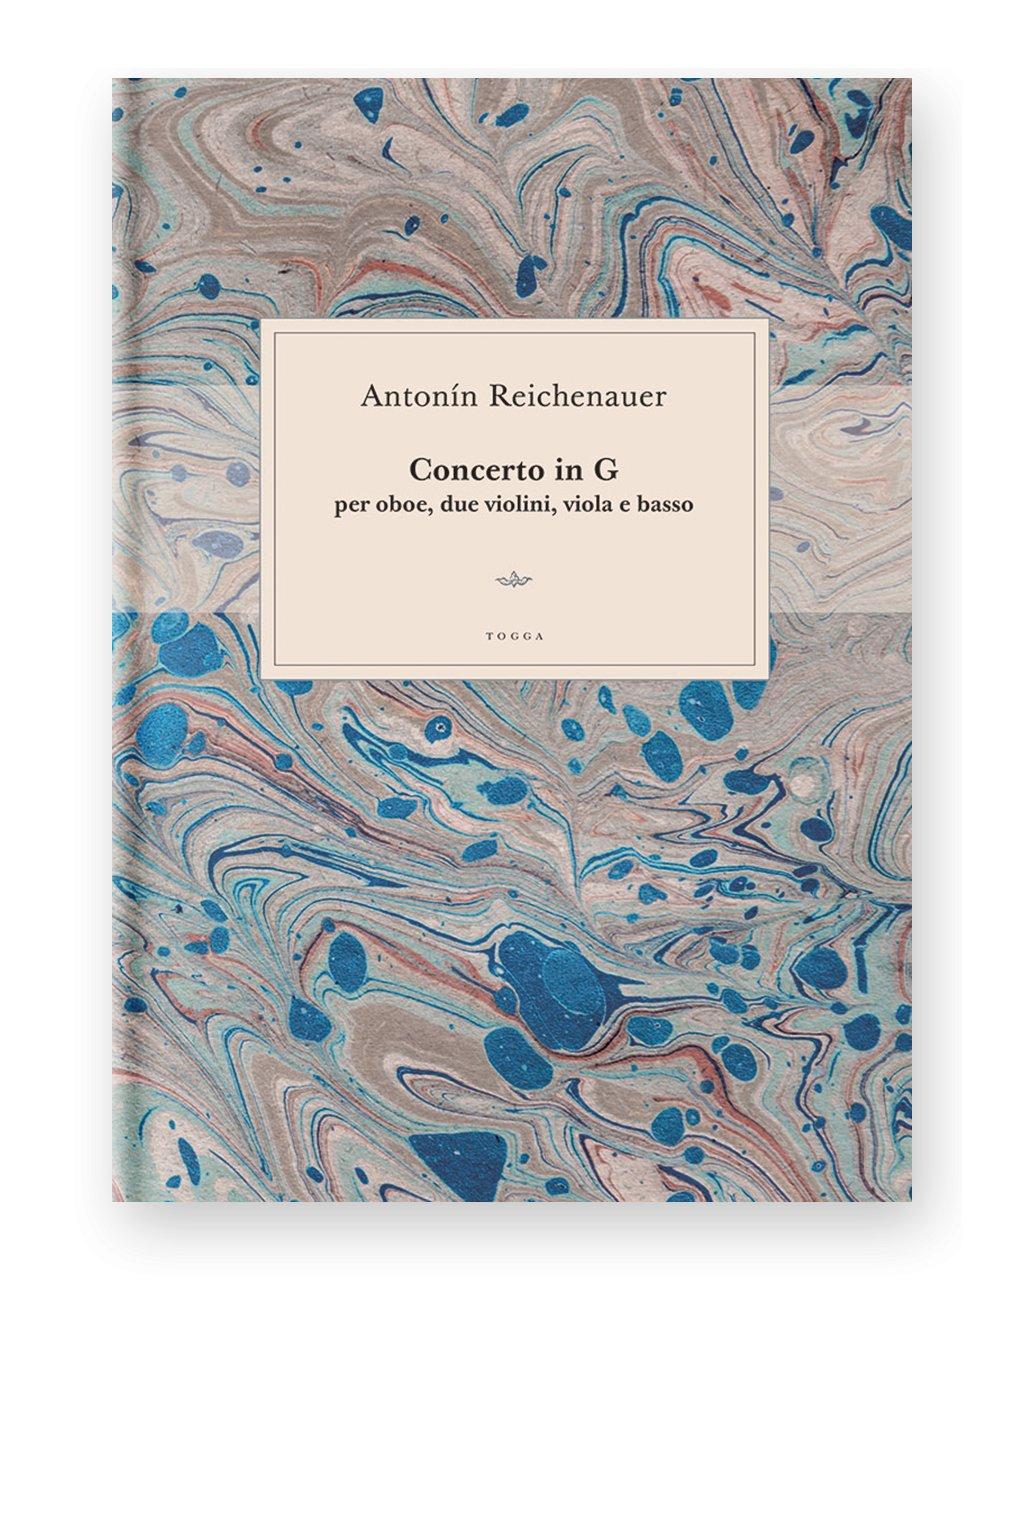 1146 concerto in g per oboe due violini viola e basso